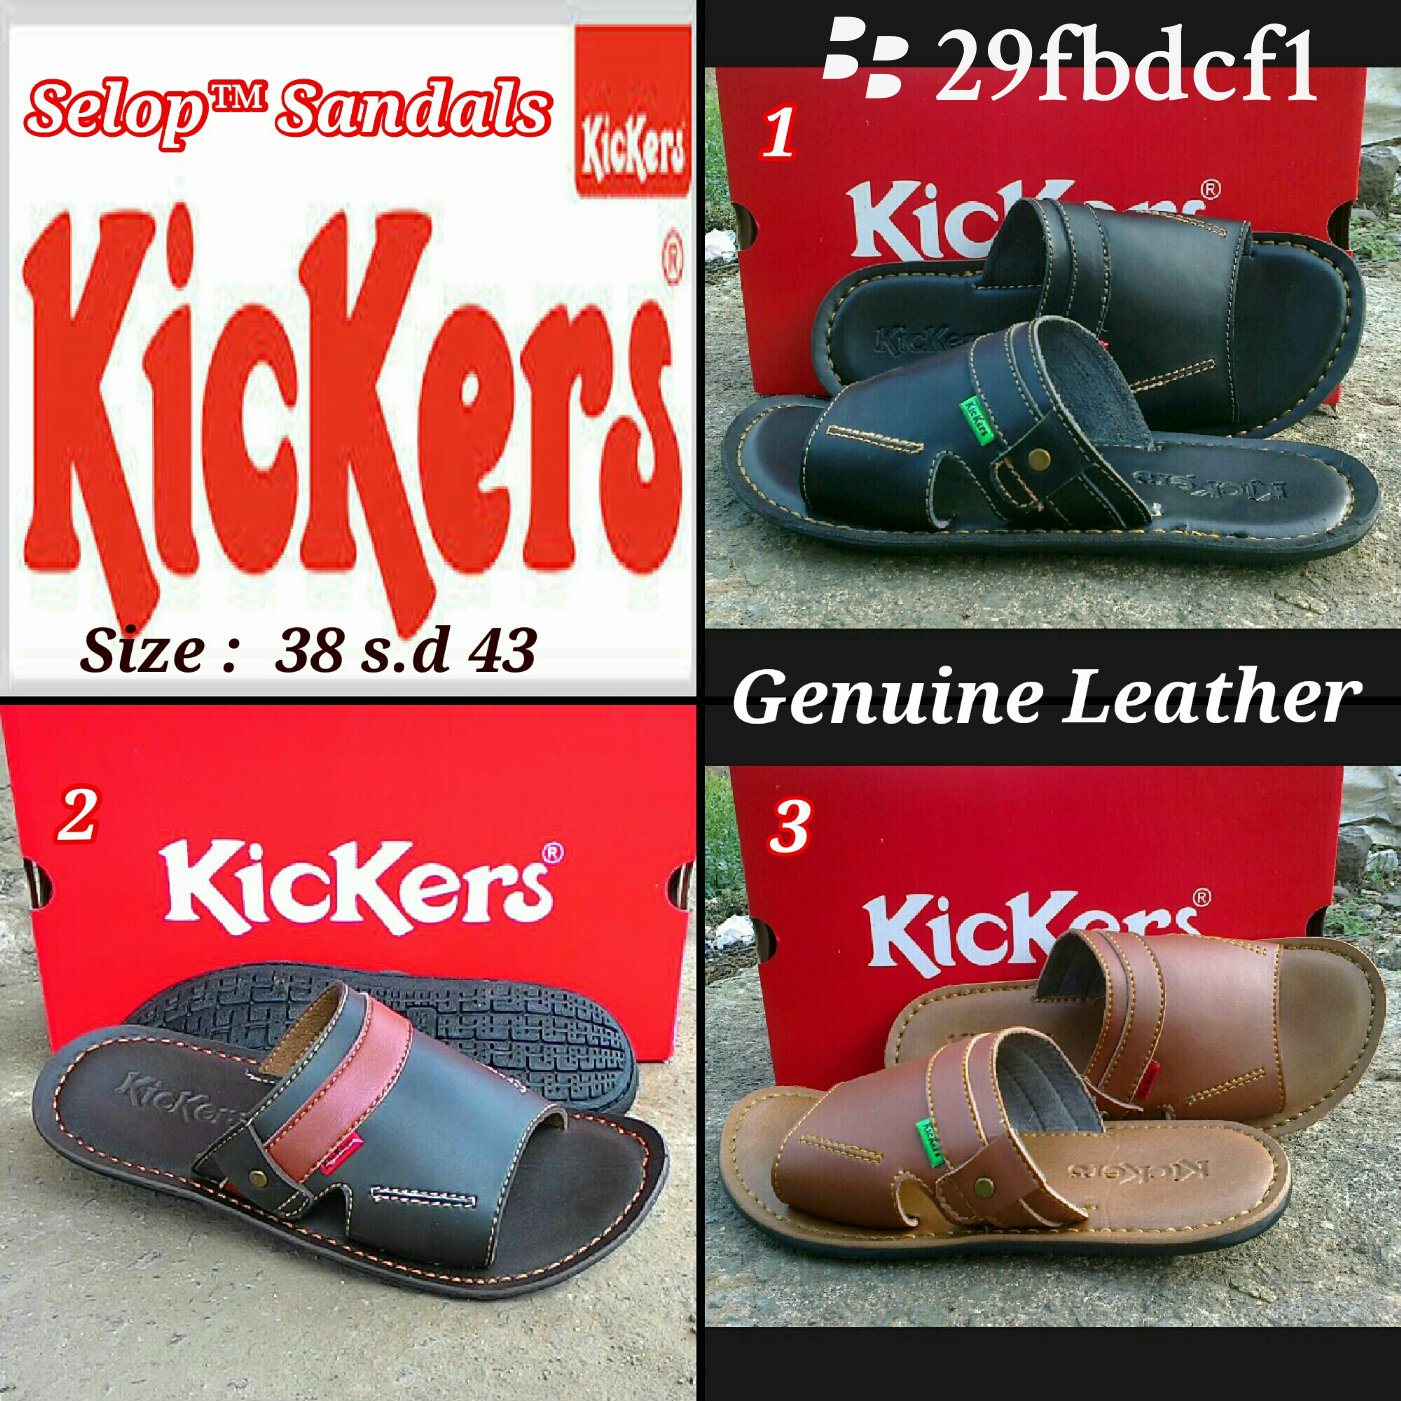 harga Sandal KICKERS, CONVERSE ALLSTAR, PLAYBOY Selop & Flip-Flops Sandals Tokopedia.com